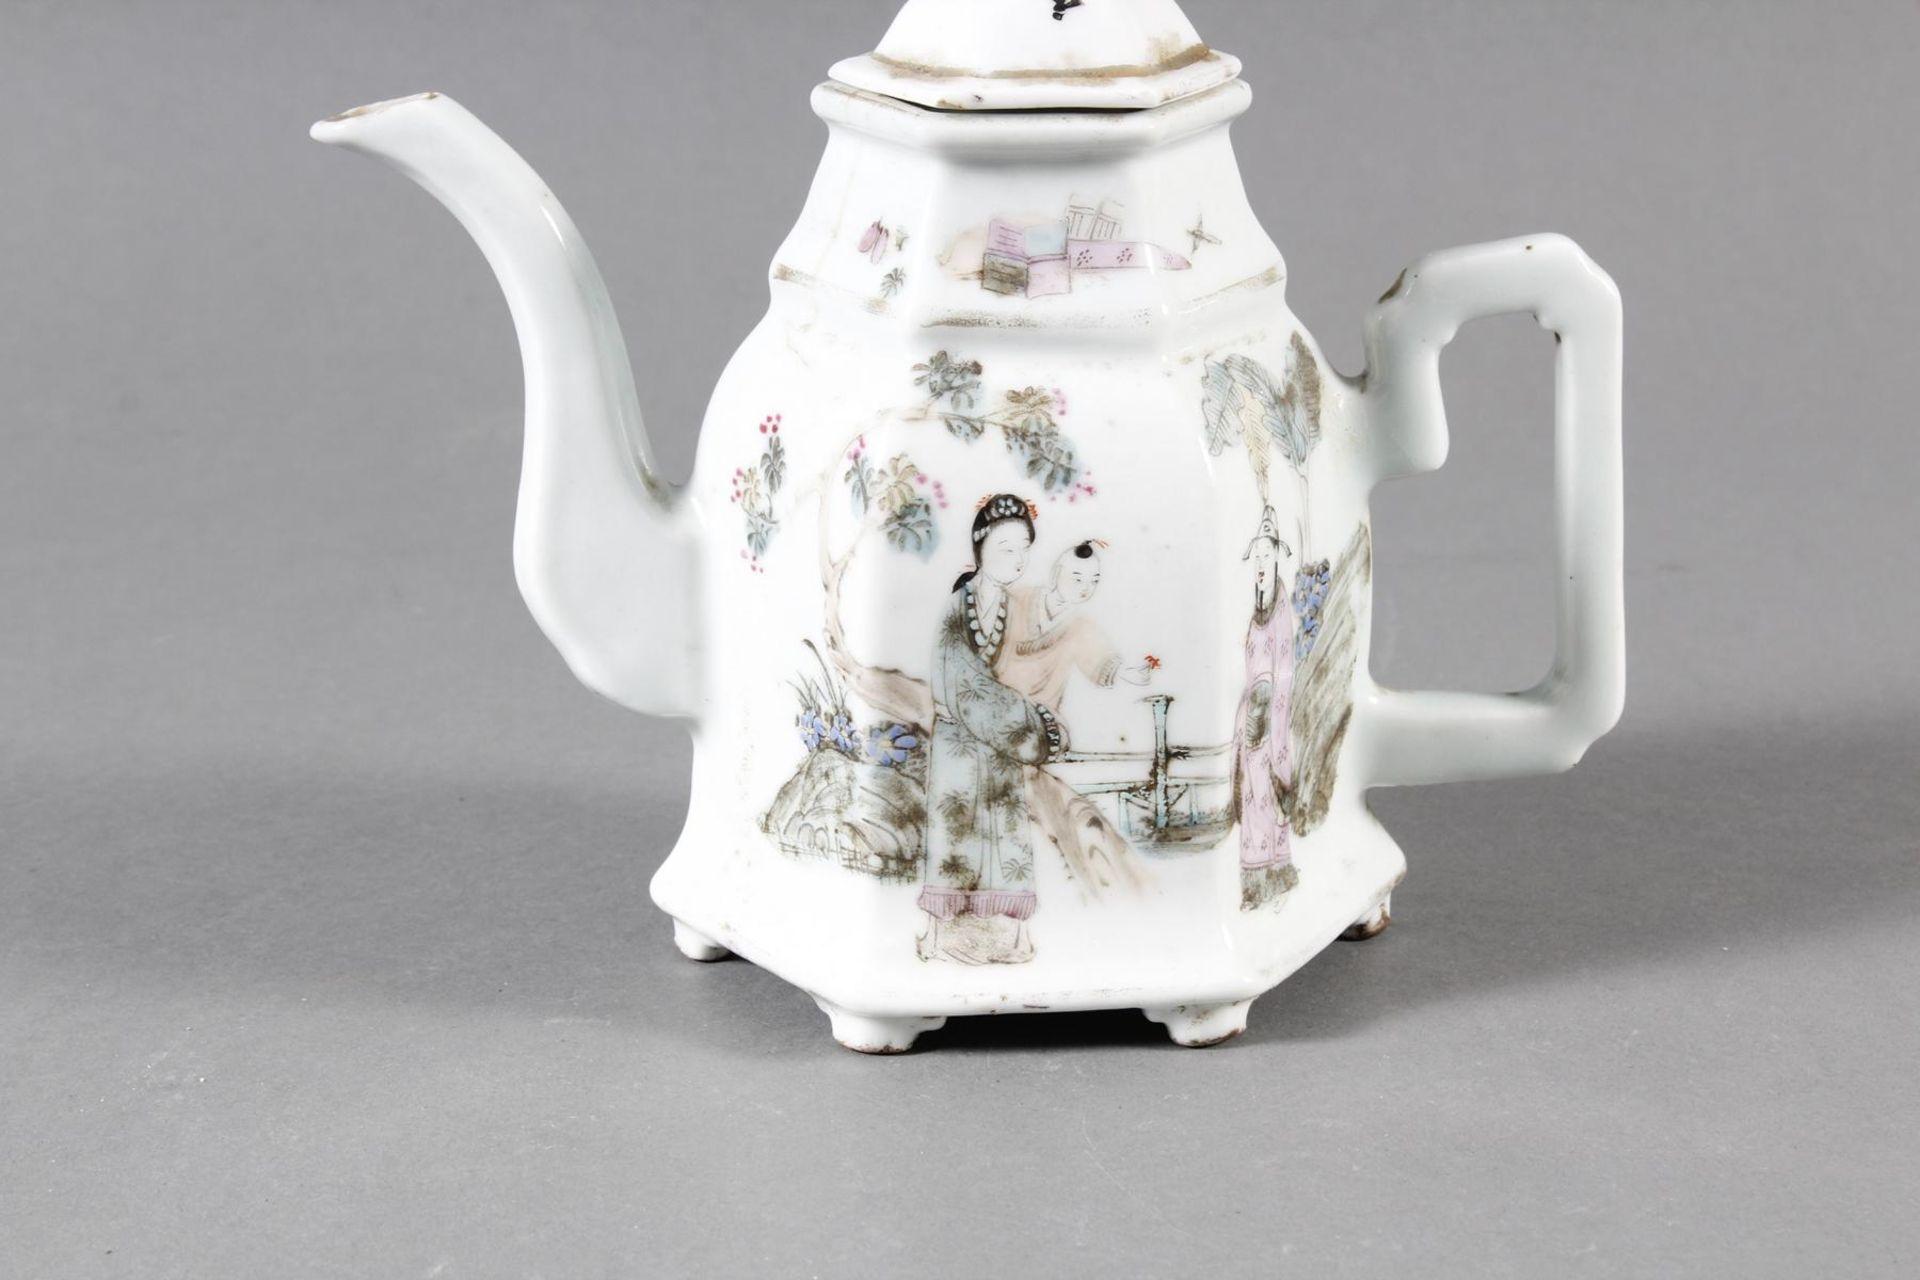 Porzellan Teekann, China, 19. Jahrhundert - Bild 2 aus 15